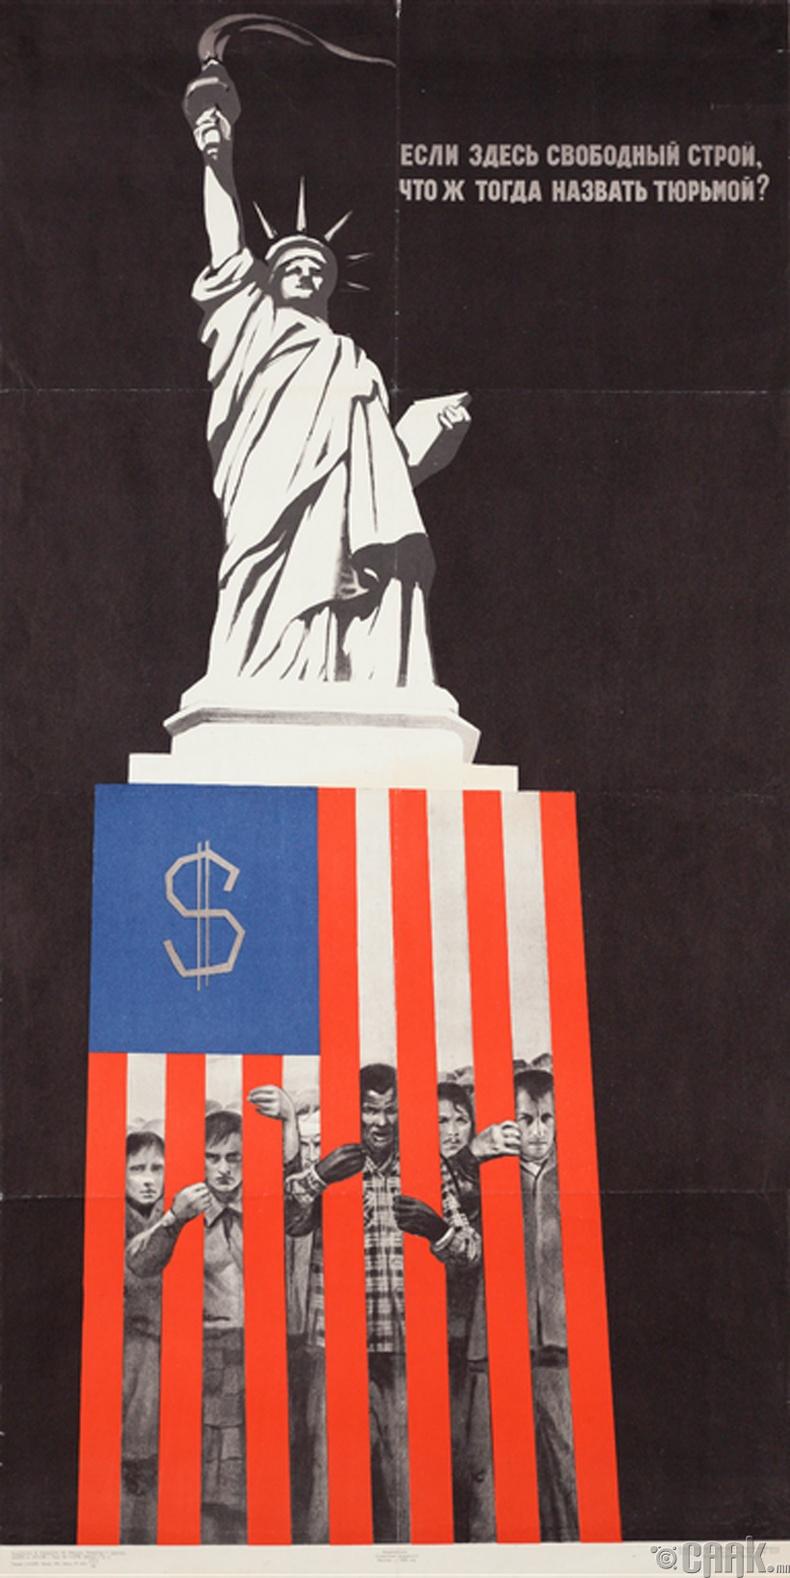 """""""Эрх чөлөө гэж үүнийг хэлдэг юм бол шорон гэж юуг хэлэх вэ?"""" - ЗХУ, 1968 он"""